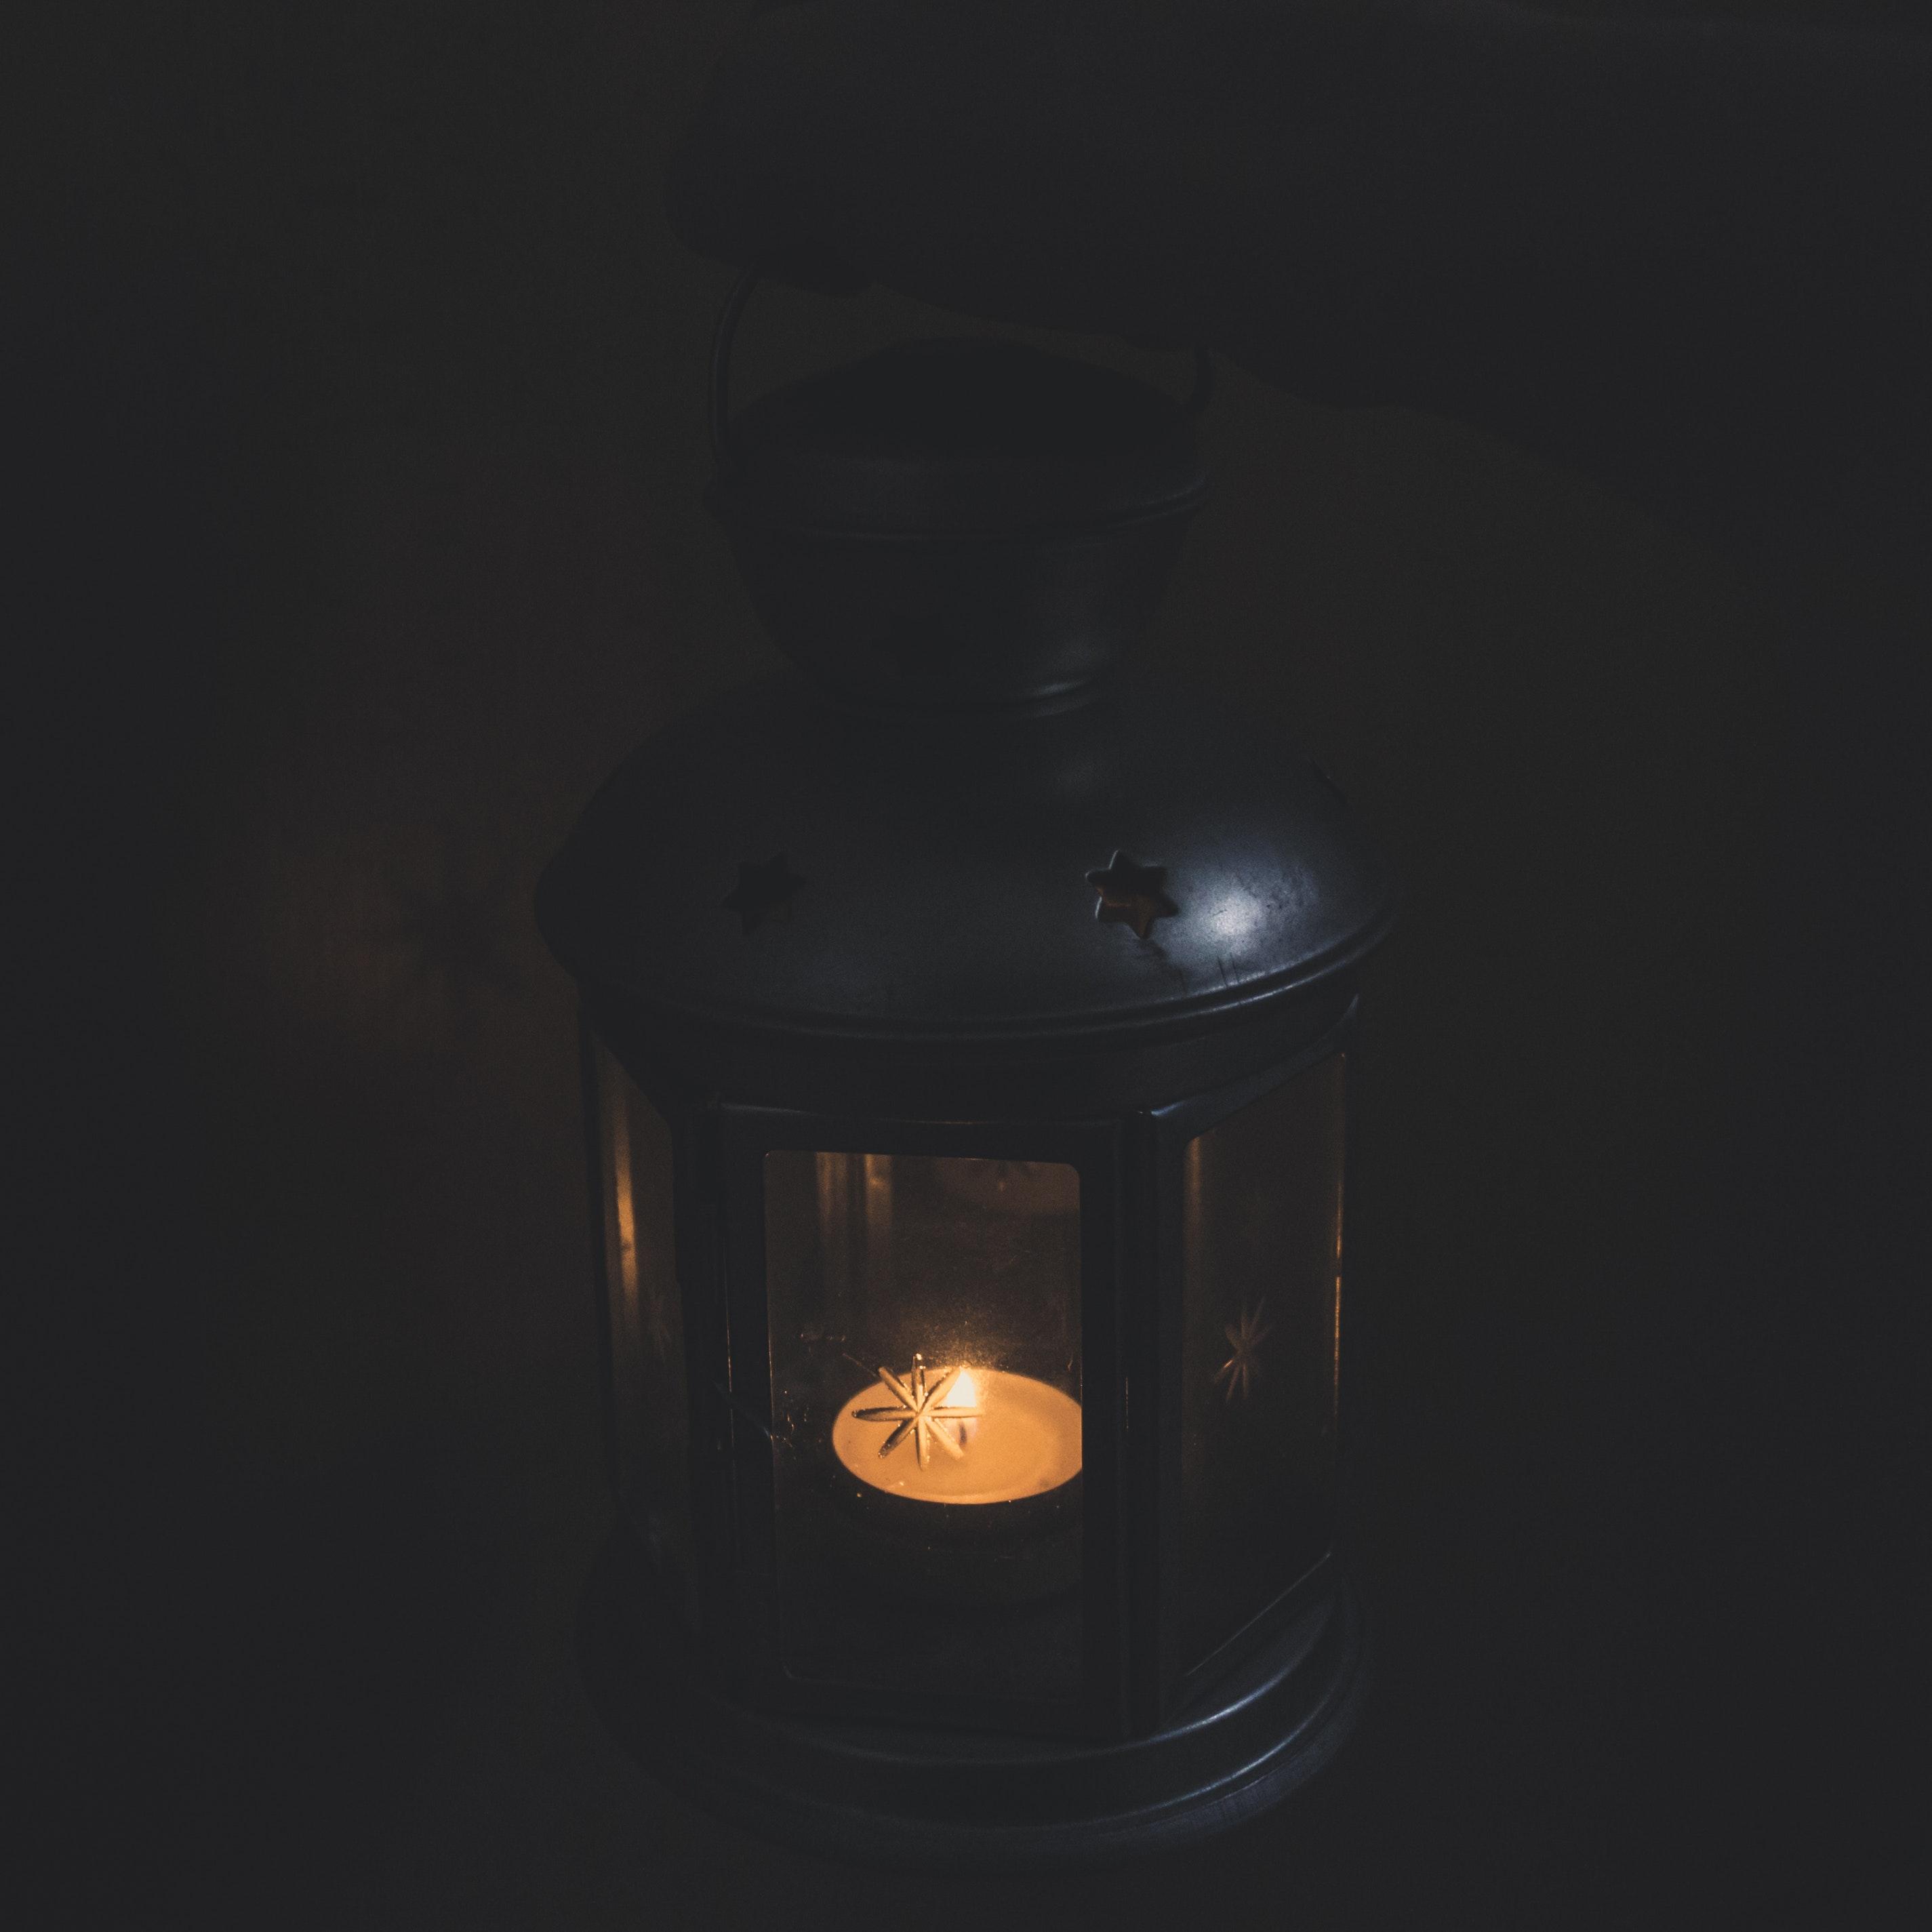 Black Candle Lantern, Lamp, Illuminated, Luminescence, Hot, HQ Photo